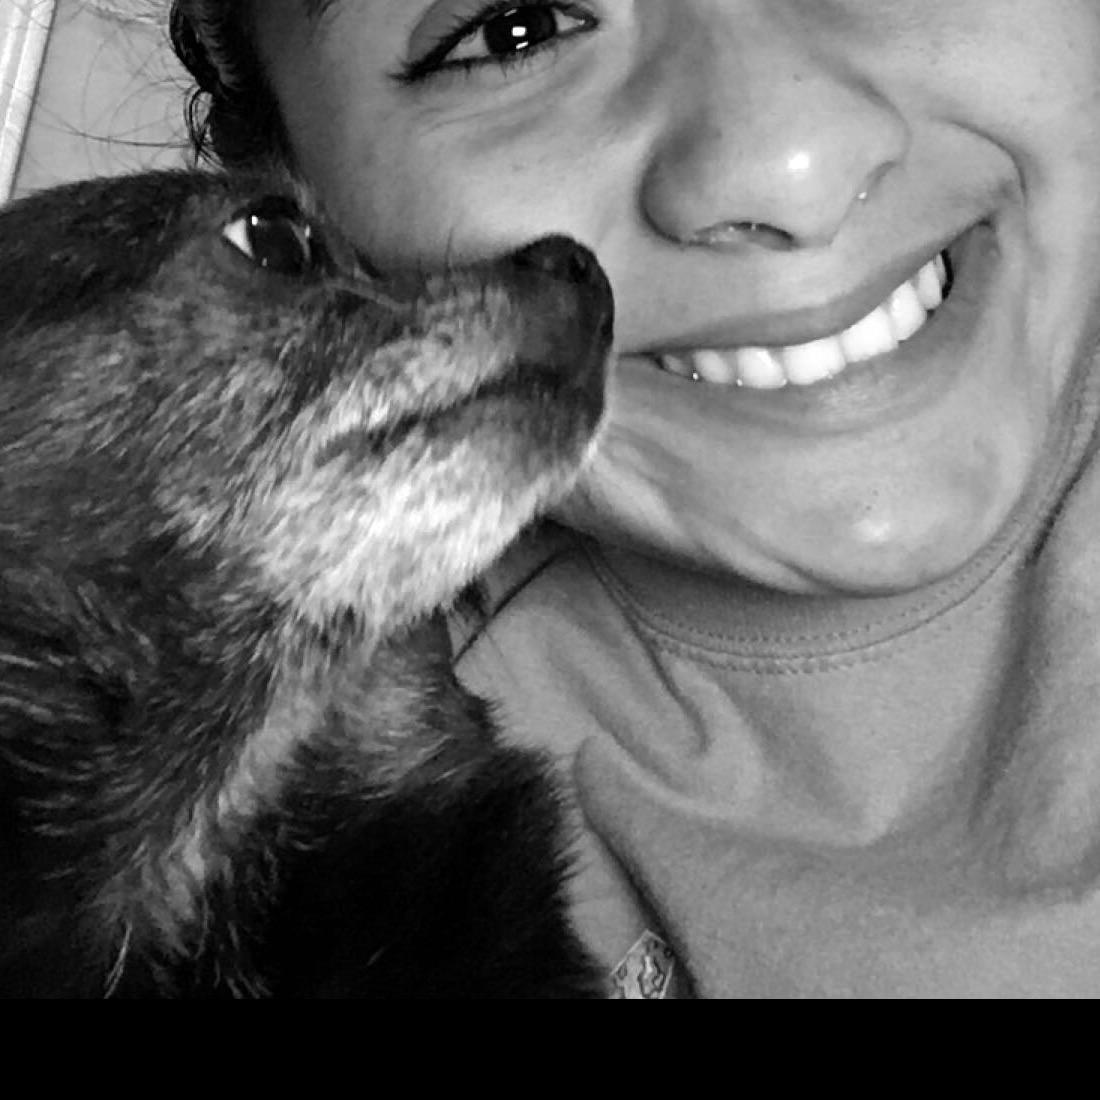 Salma's dog day care